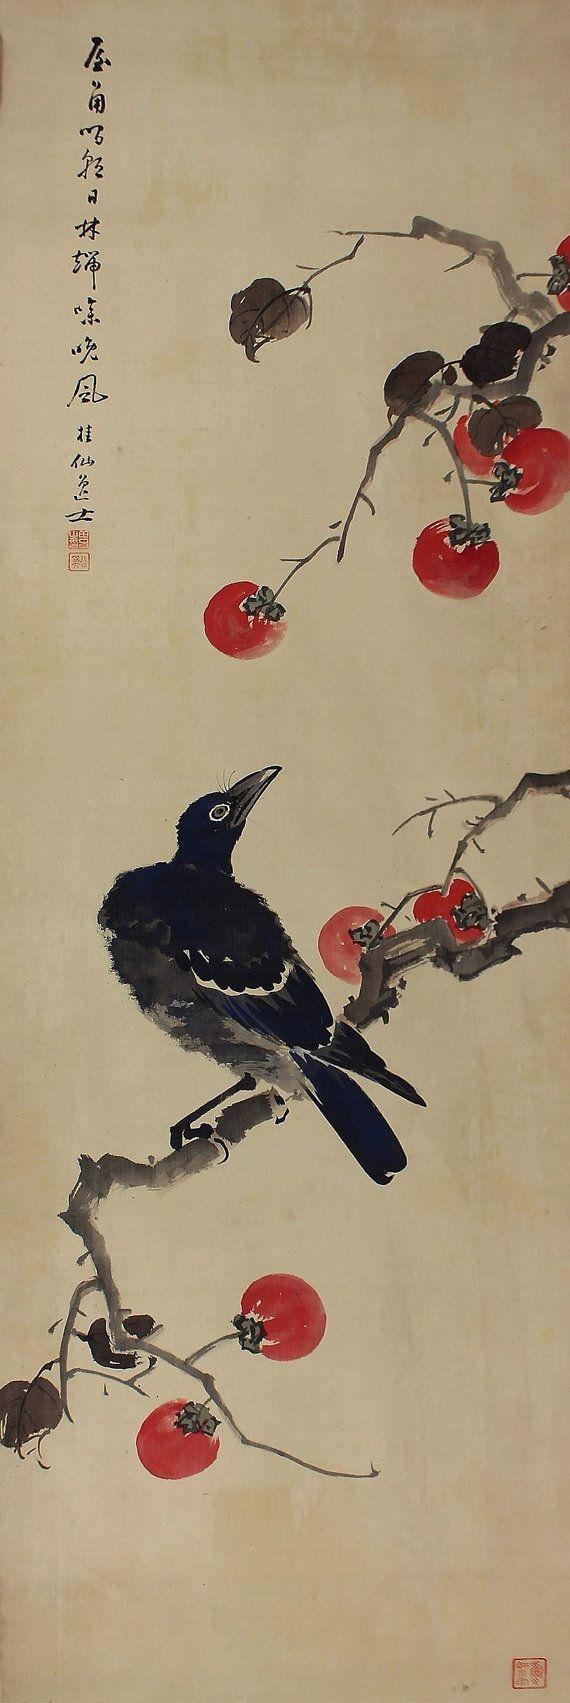 Oiseau noir appréciant Persimmon. Peint sur soie avec lencre et des pigments. Keisen a signé et scellé. Keisen Ikeda (1863-1931) a été actif au